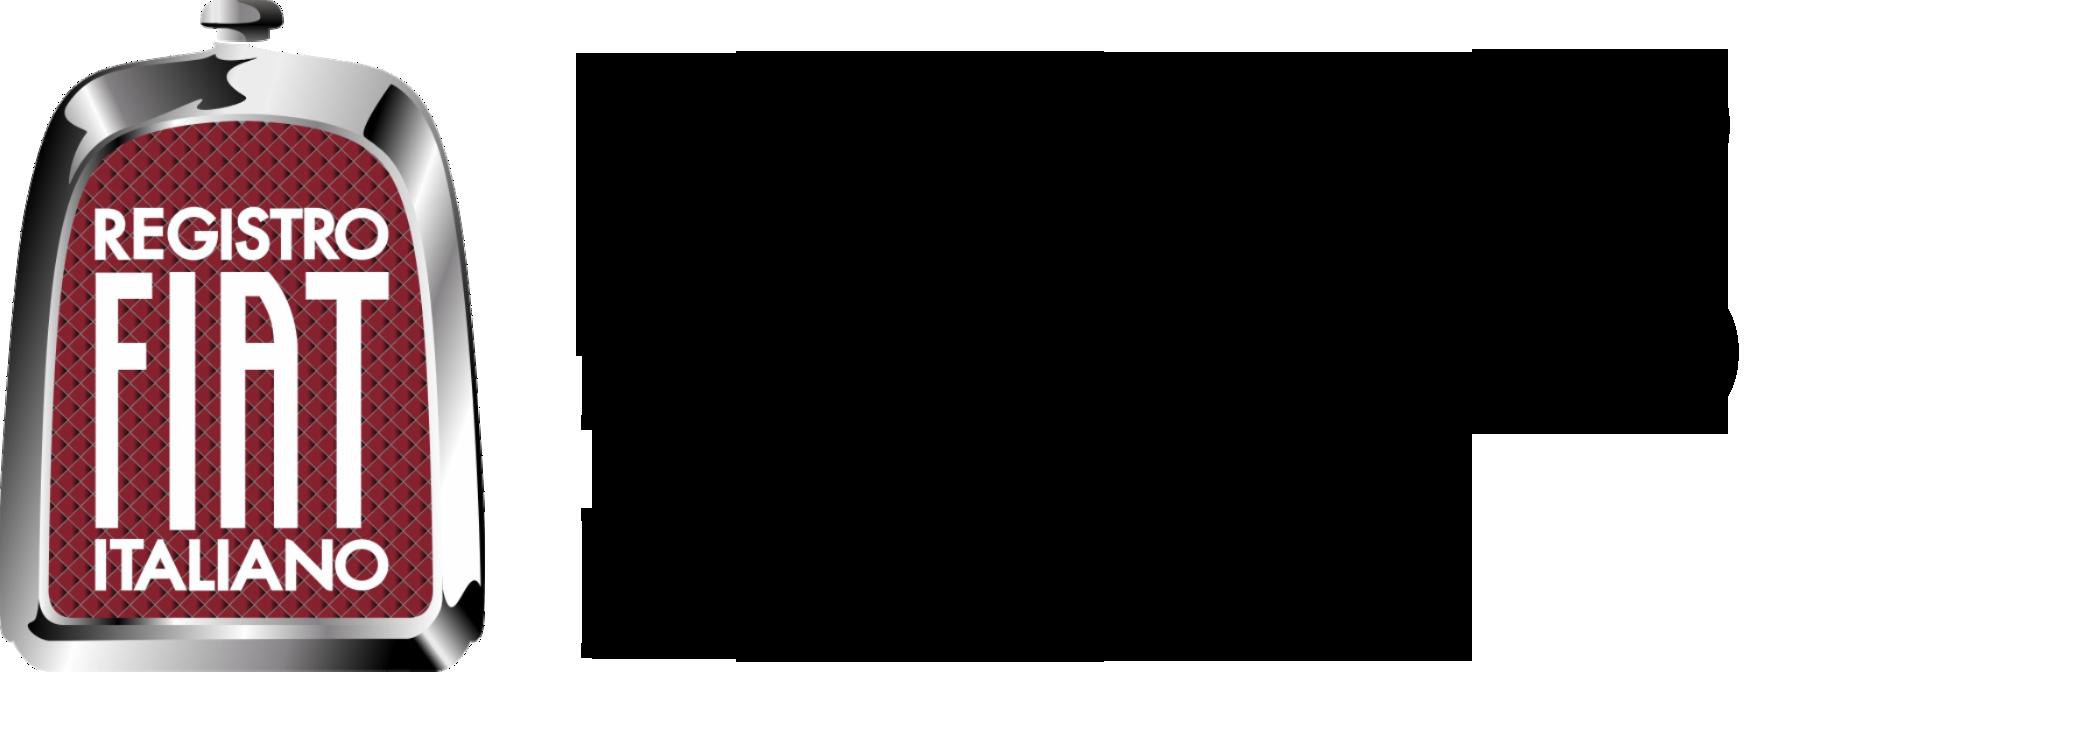 Mercatino dell'usato d'Epoca Registro Fiat Italiano